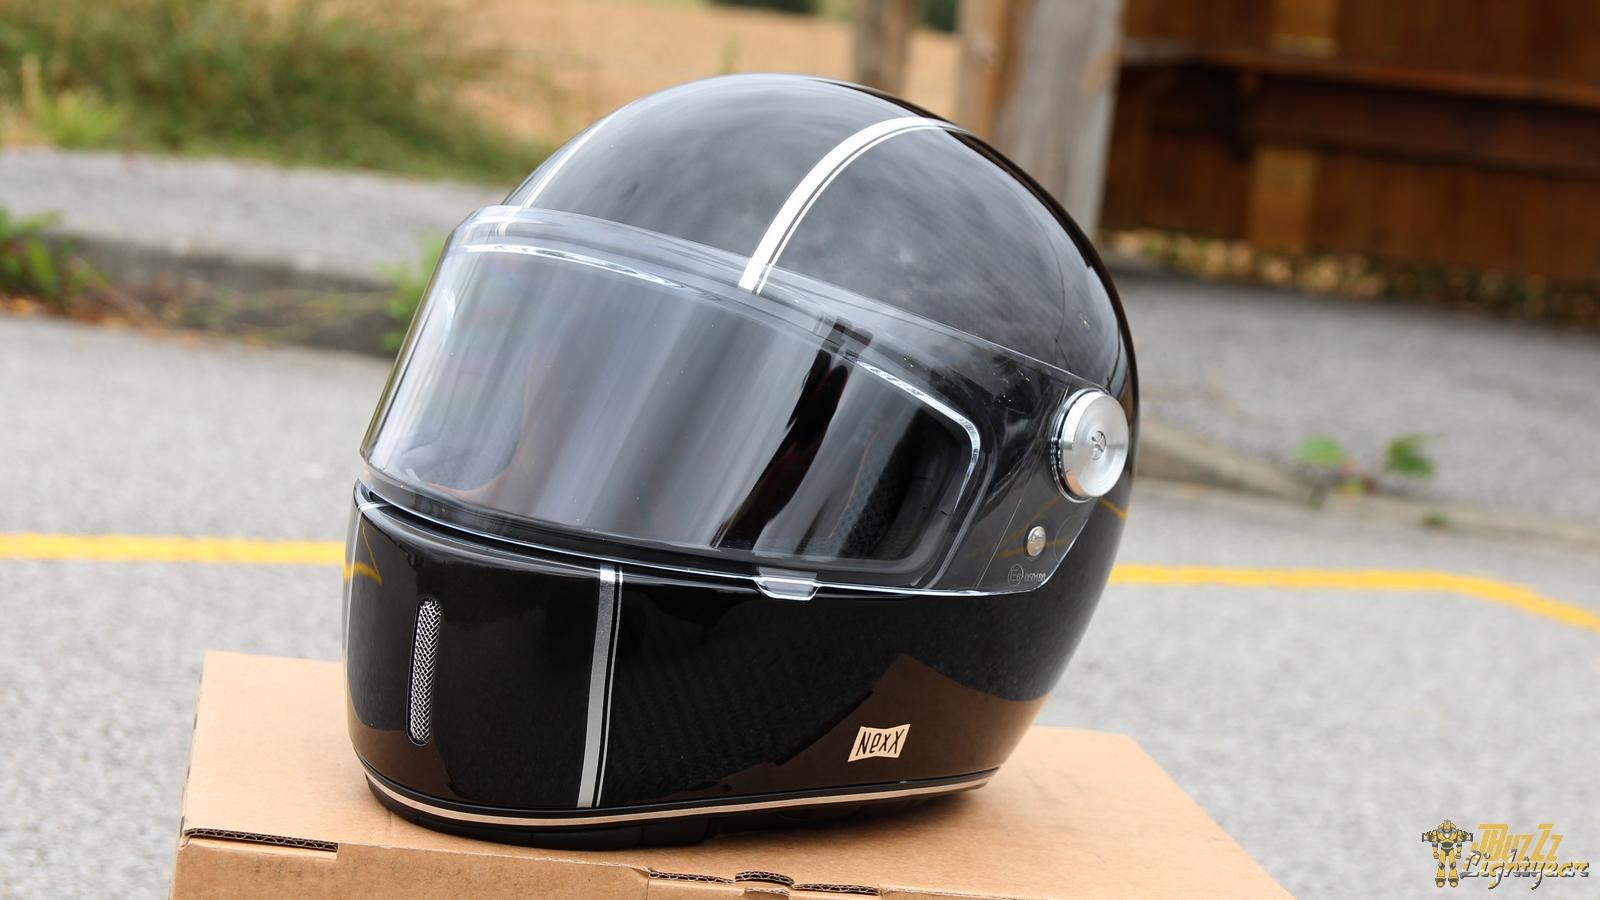 Vision du casque NEXX X.G100 Racer